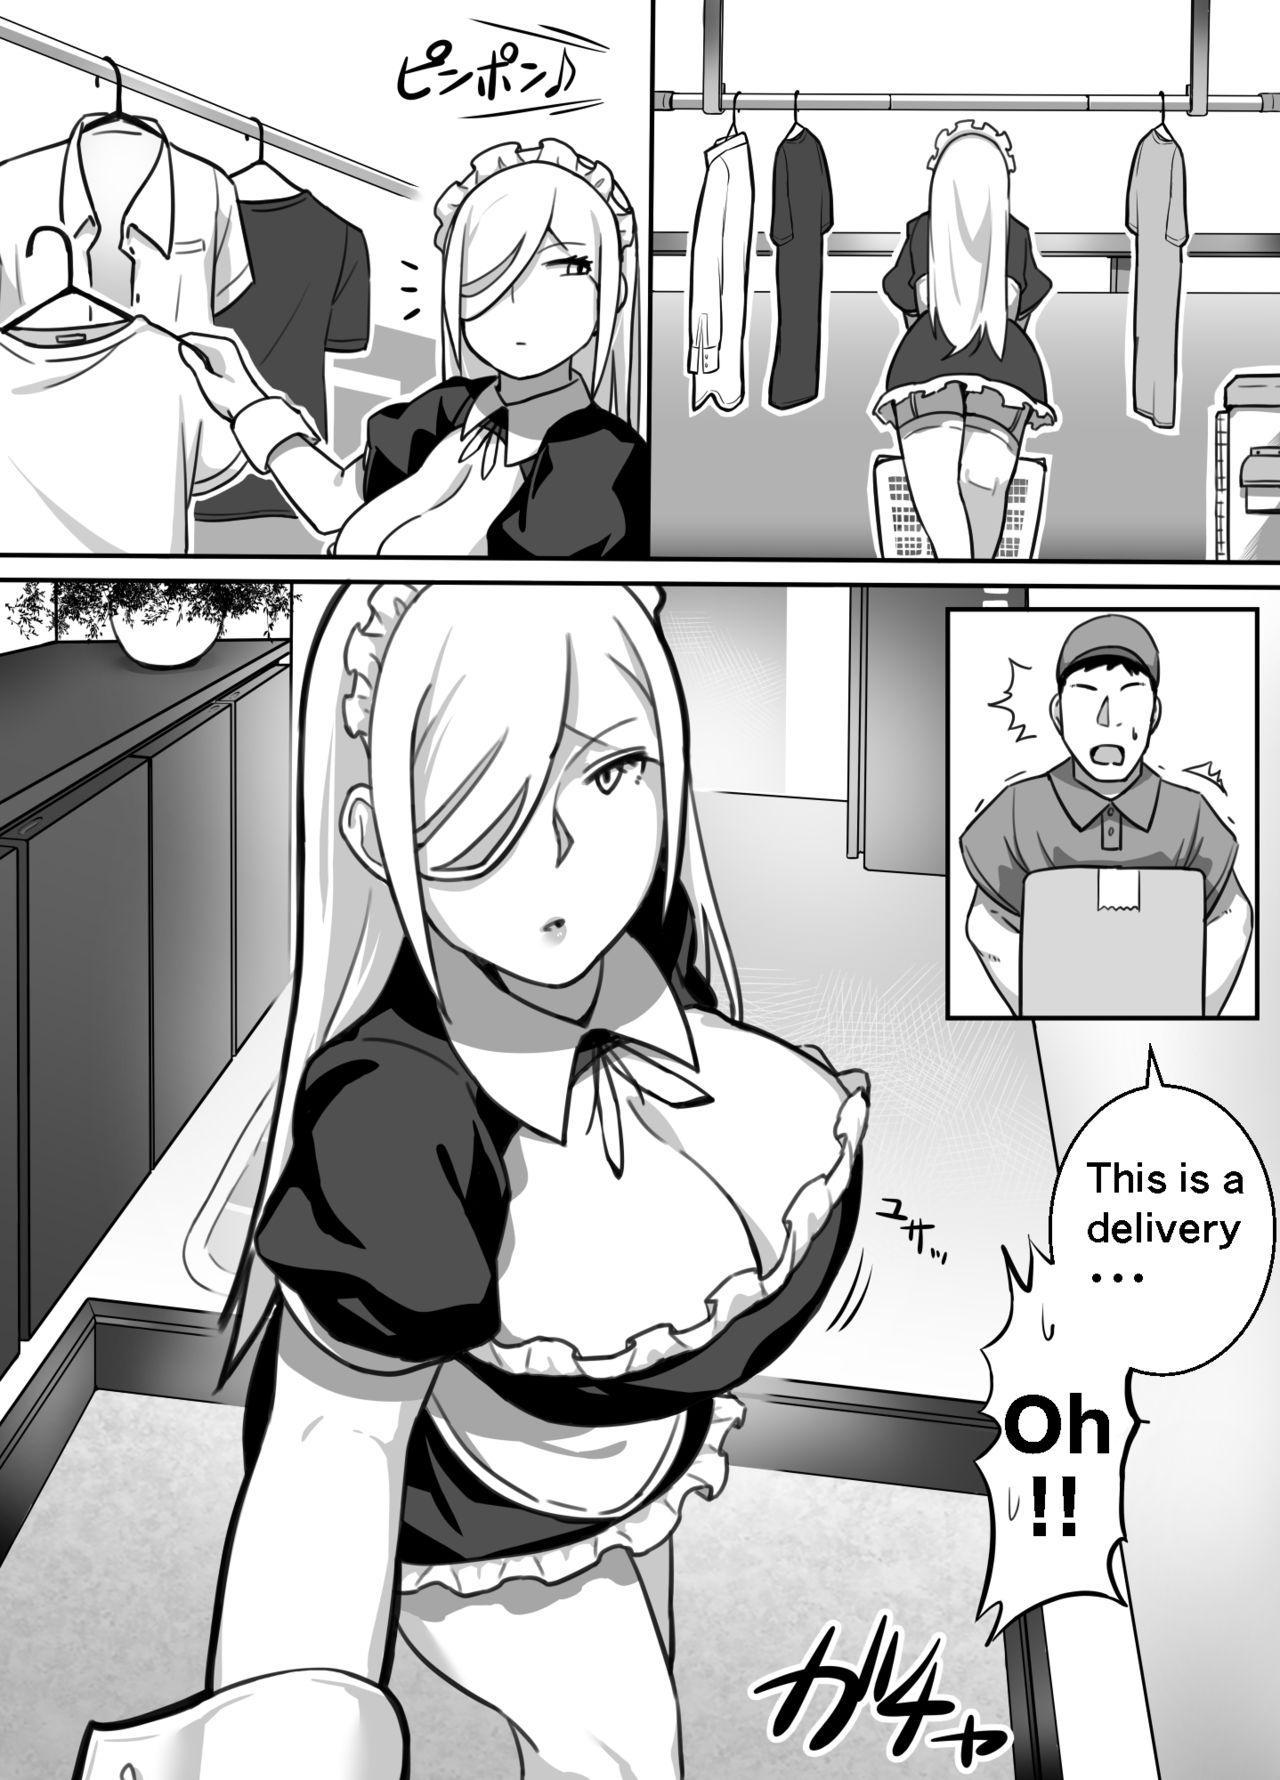 Heroine to Saoyaku ga Ichido mo Shaberanai Ero Manga   The Silent Duo 50